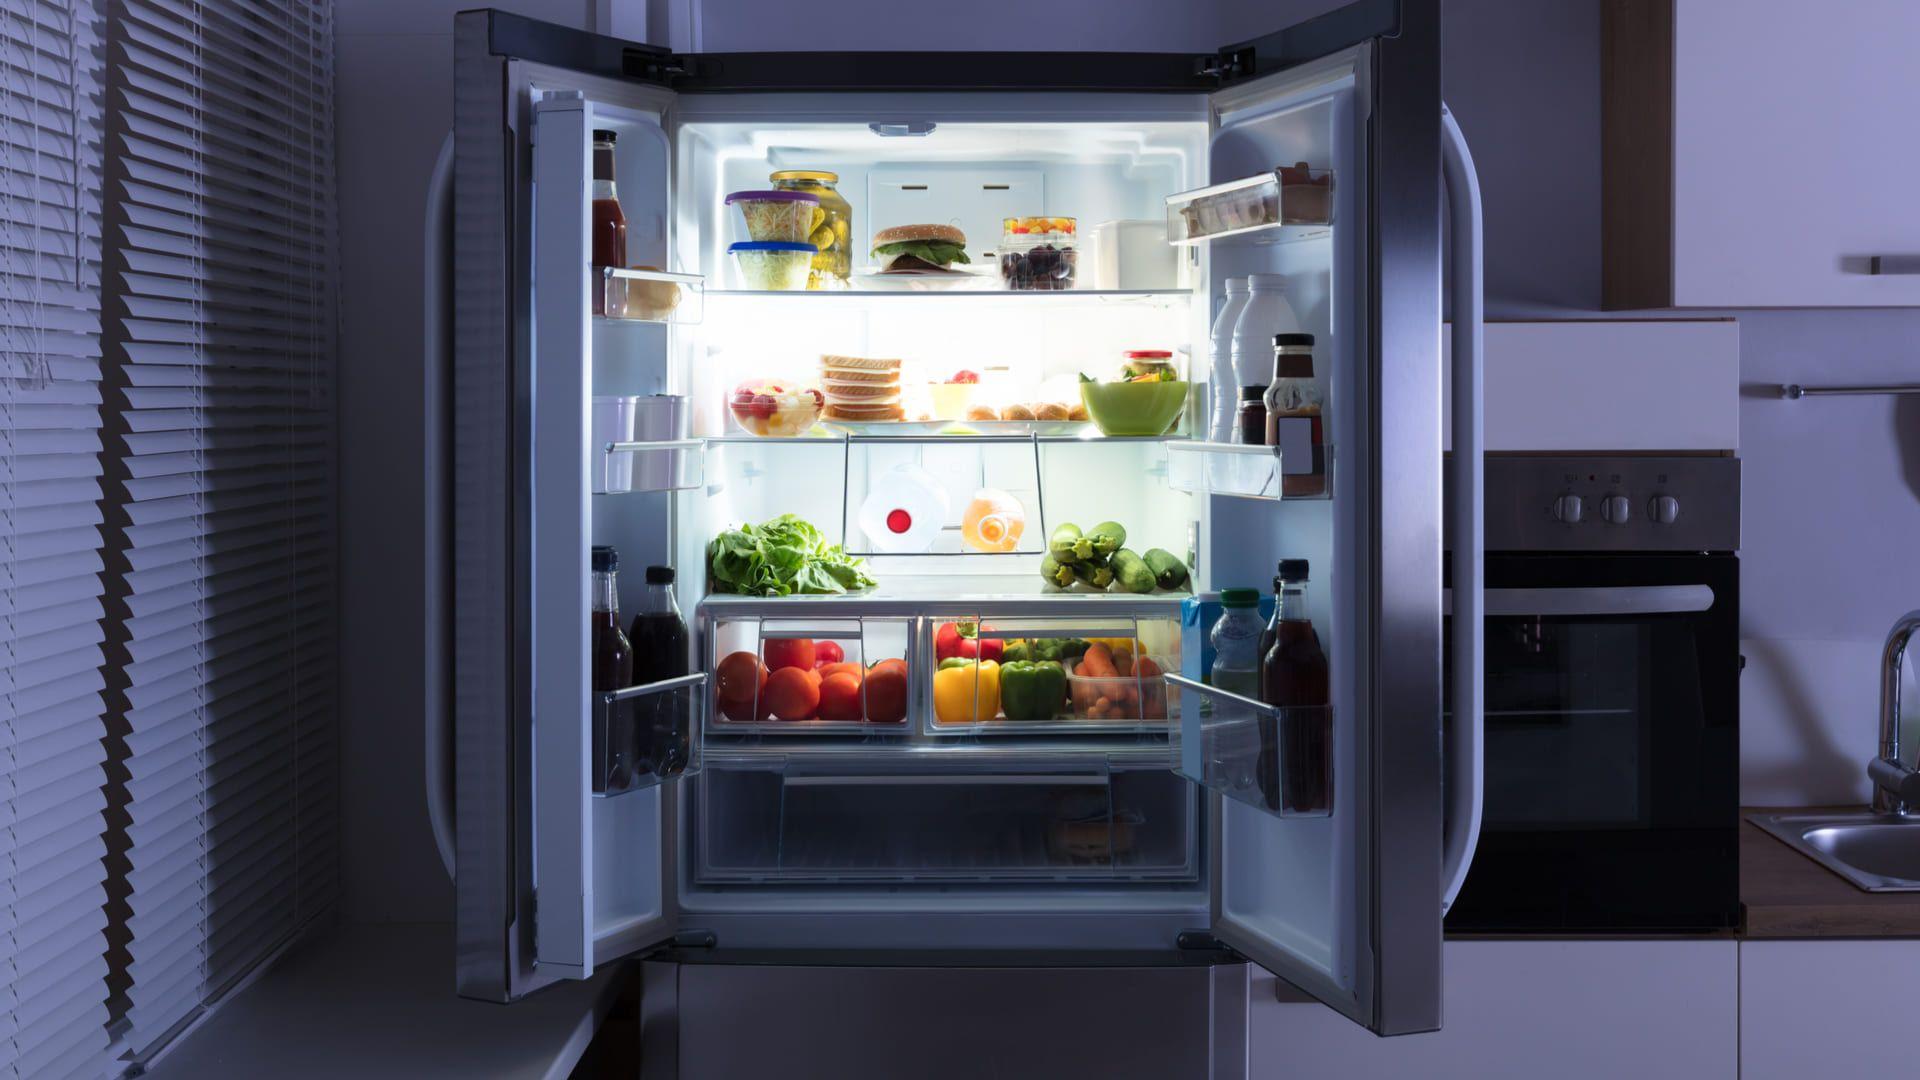 Geladeiras econômicas ajudam a economizar energia (Imagem: Reprodução/Shutterstock)